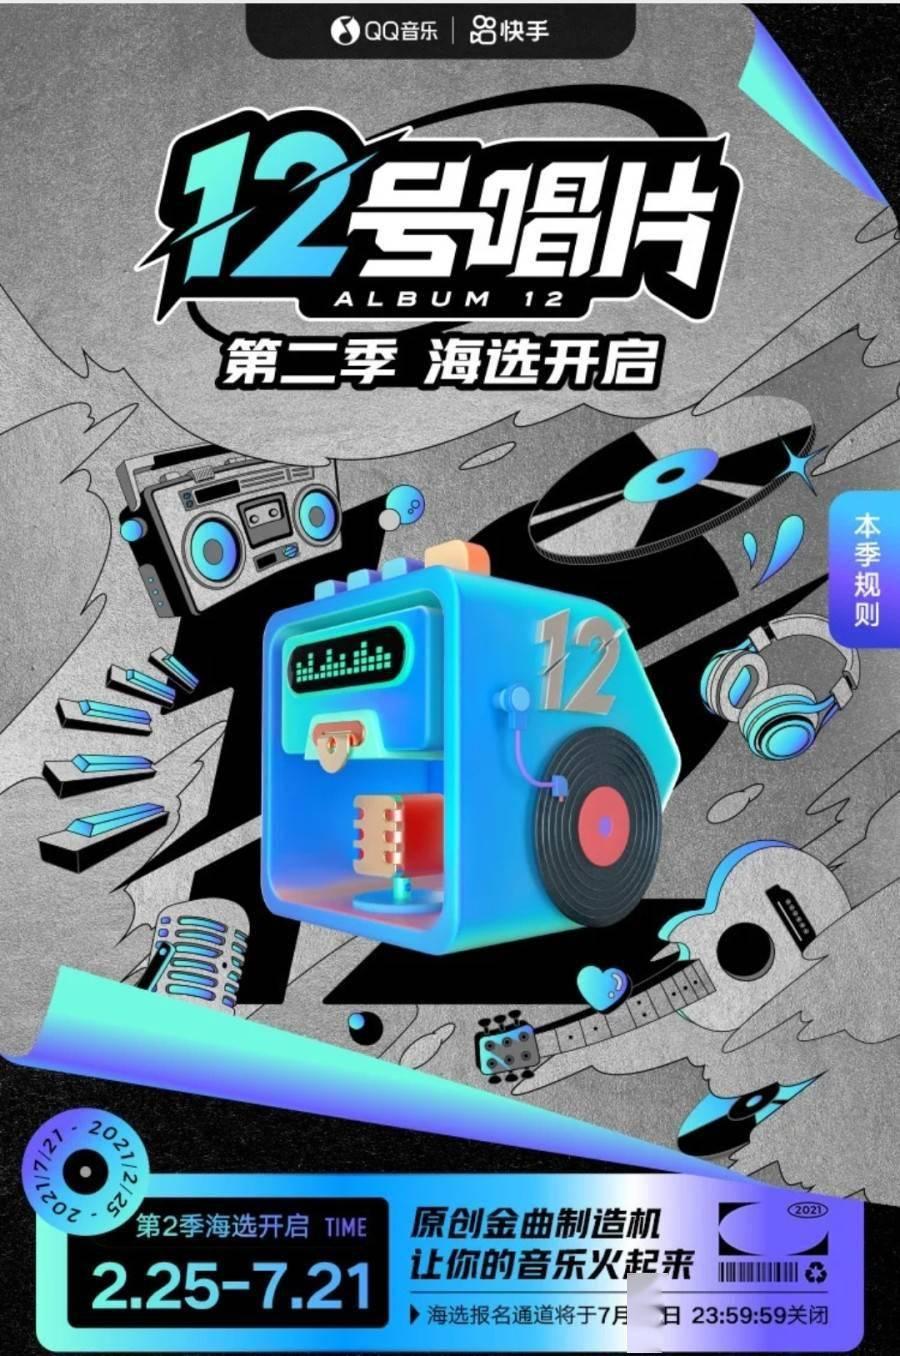 QQ音乐×快手「12号唱片」第二季启动 千亿流